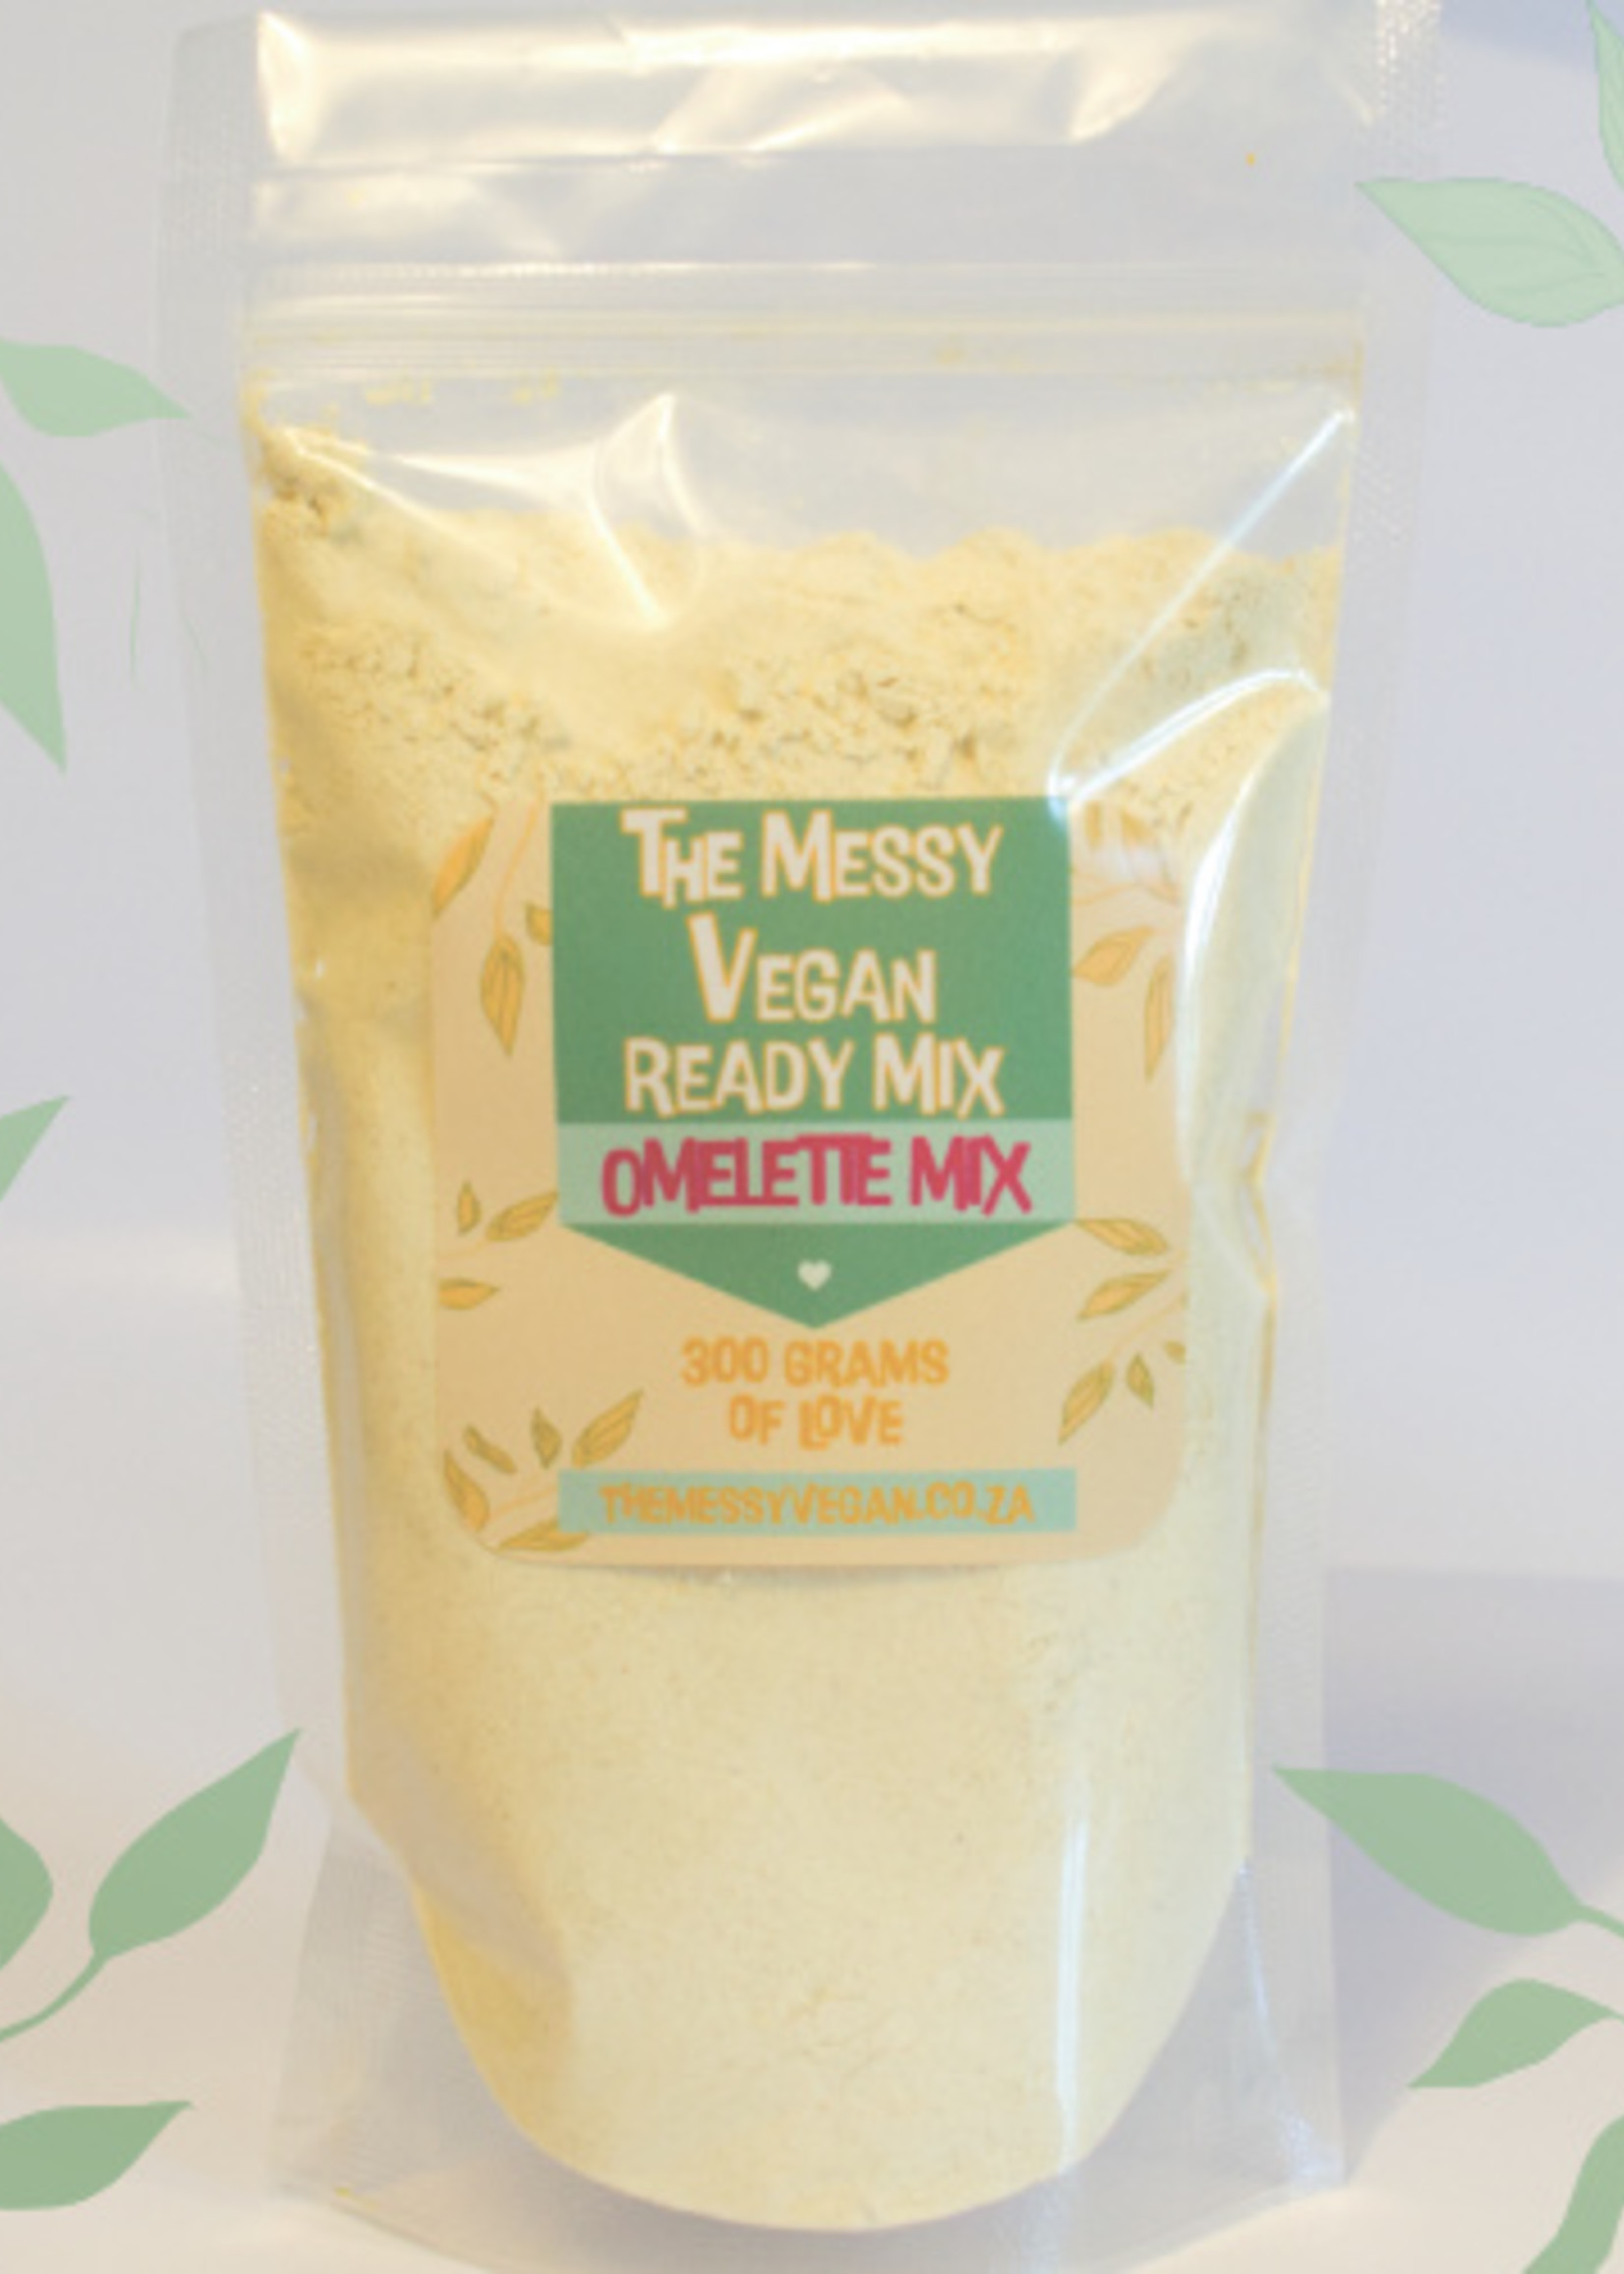 The Messy Vegan Messy Vegan - Egg Free Omelette Mix